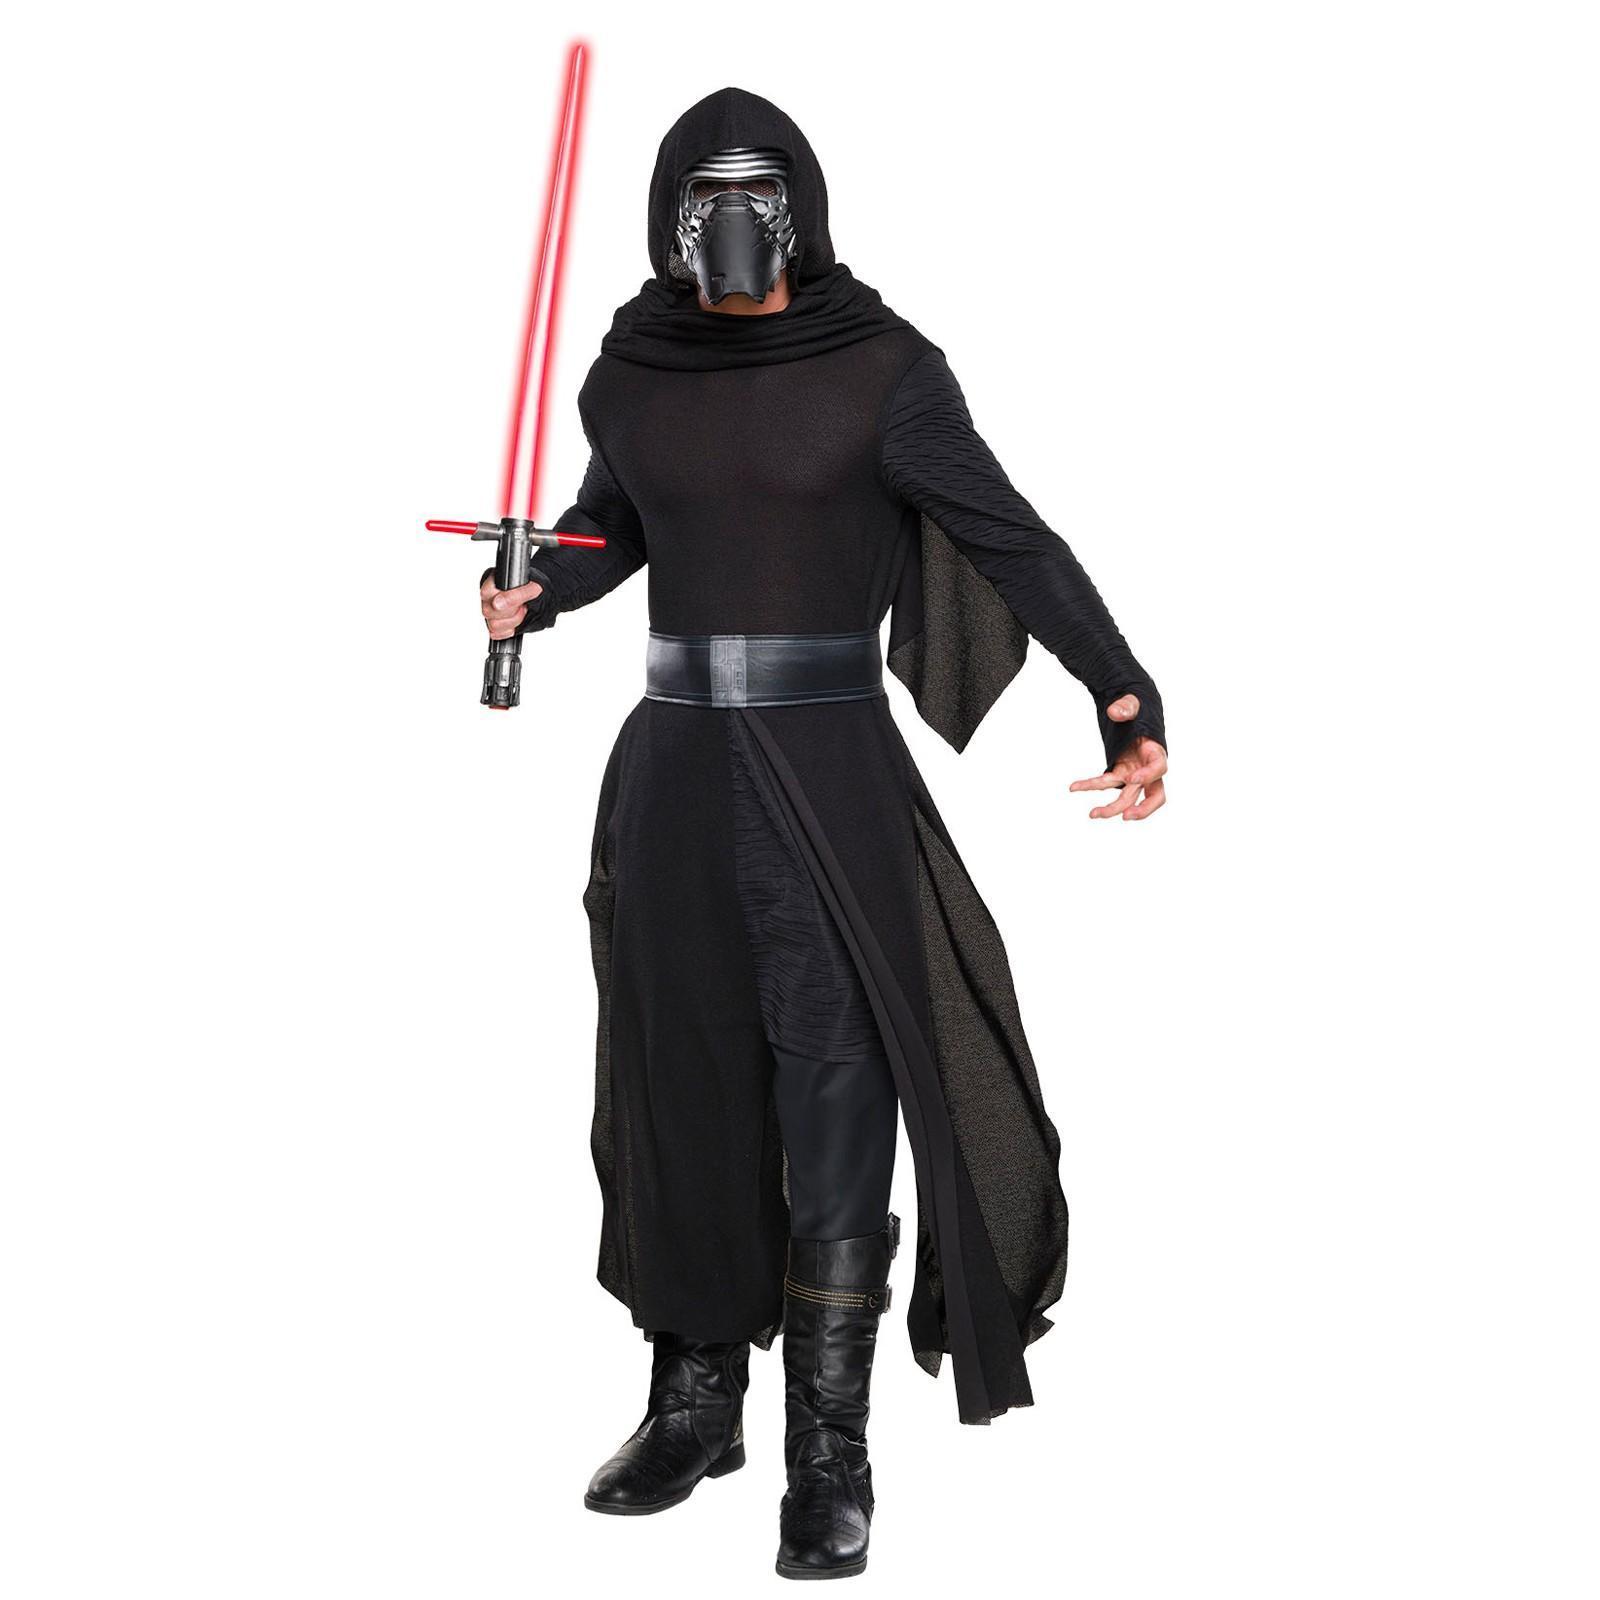 Star Wars Deluxe Kylo Ren Costume - Standard Size image